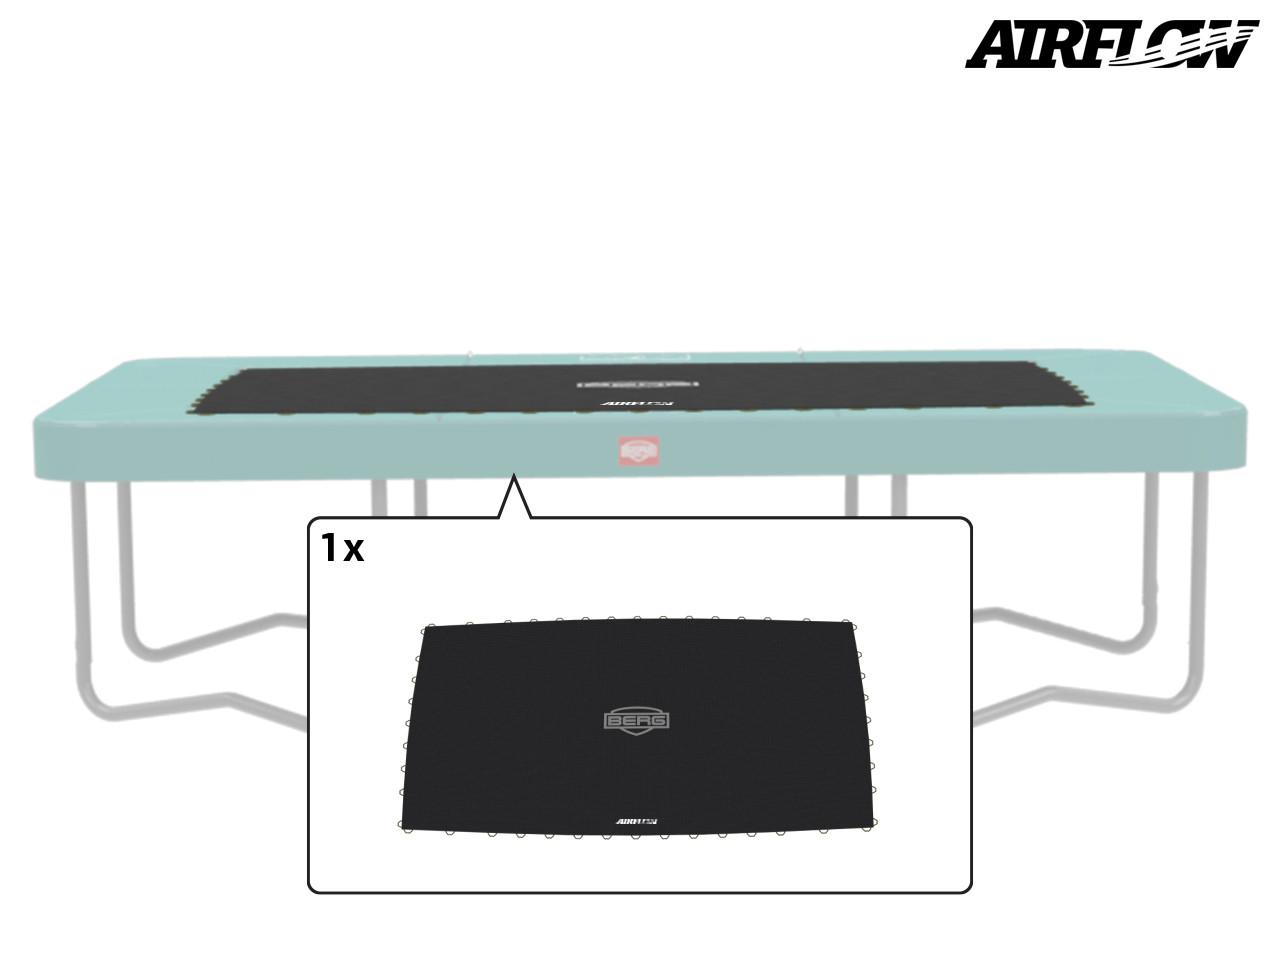 EazyFit - Jump mat (TwinSpring, AIRFLOW)